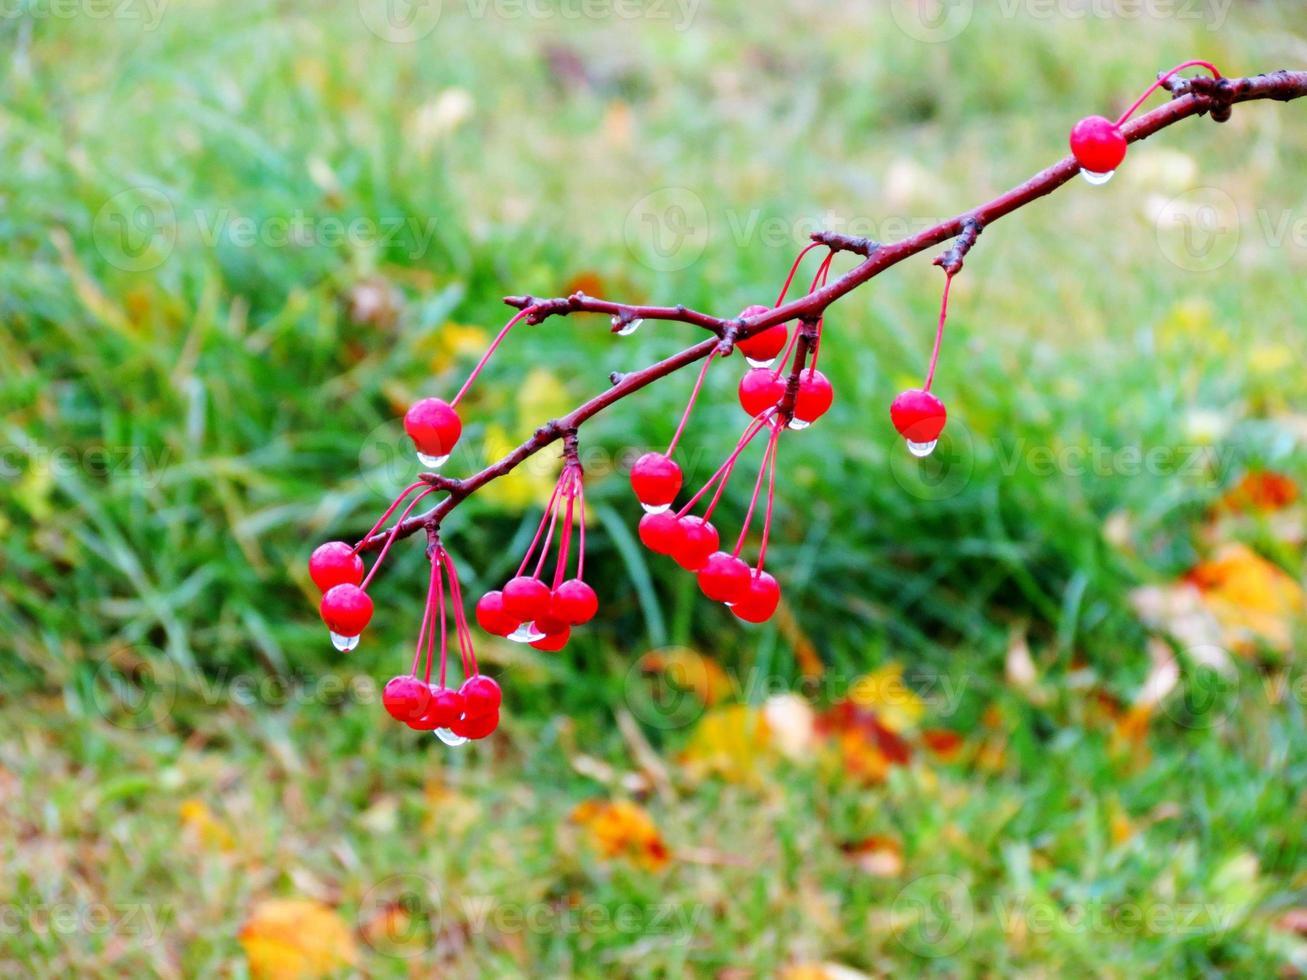 herfst bessen foto